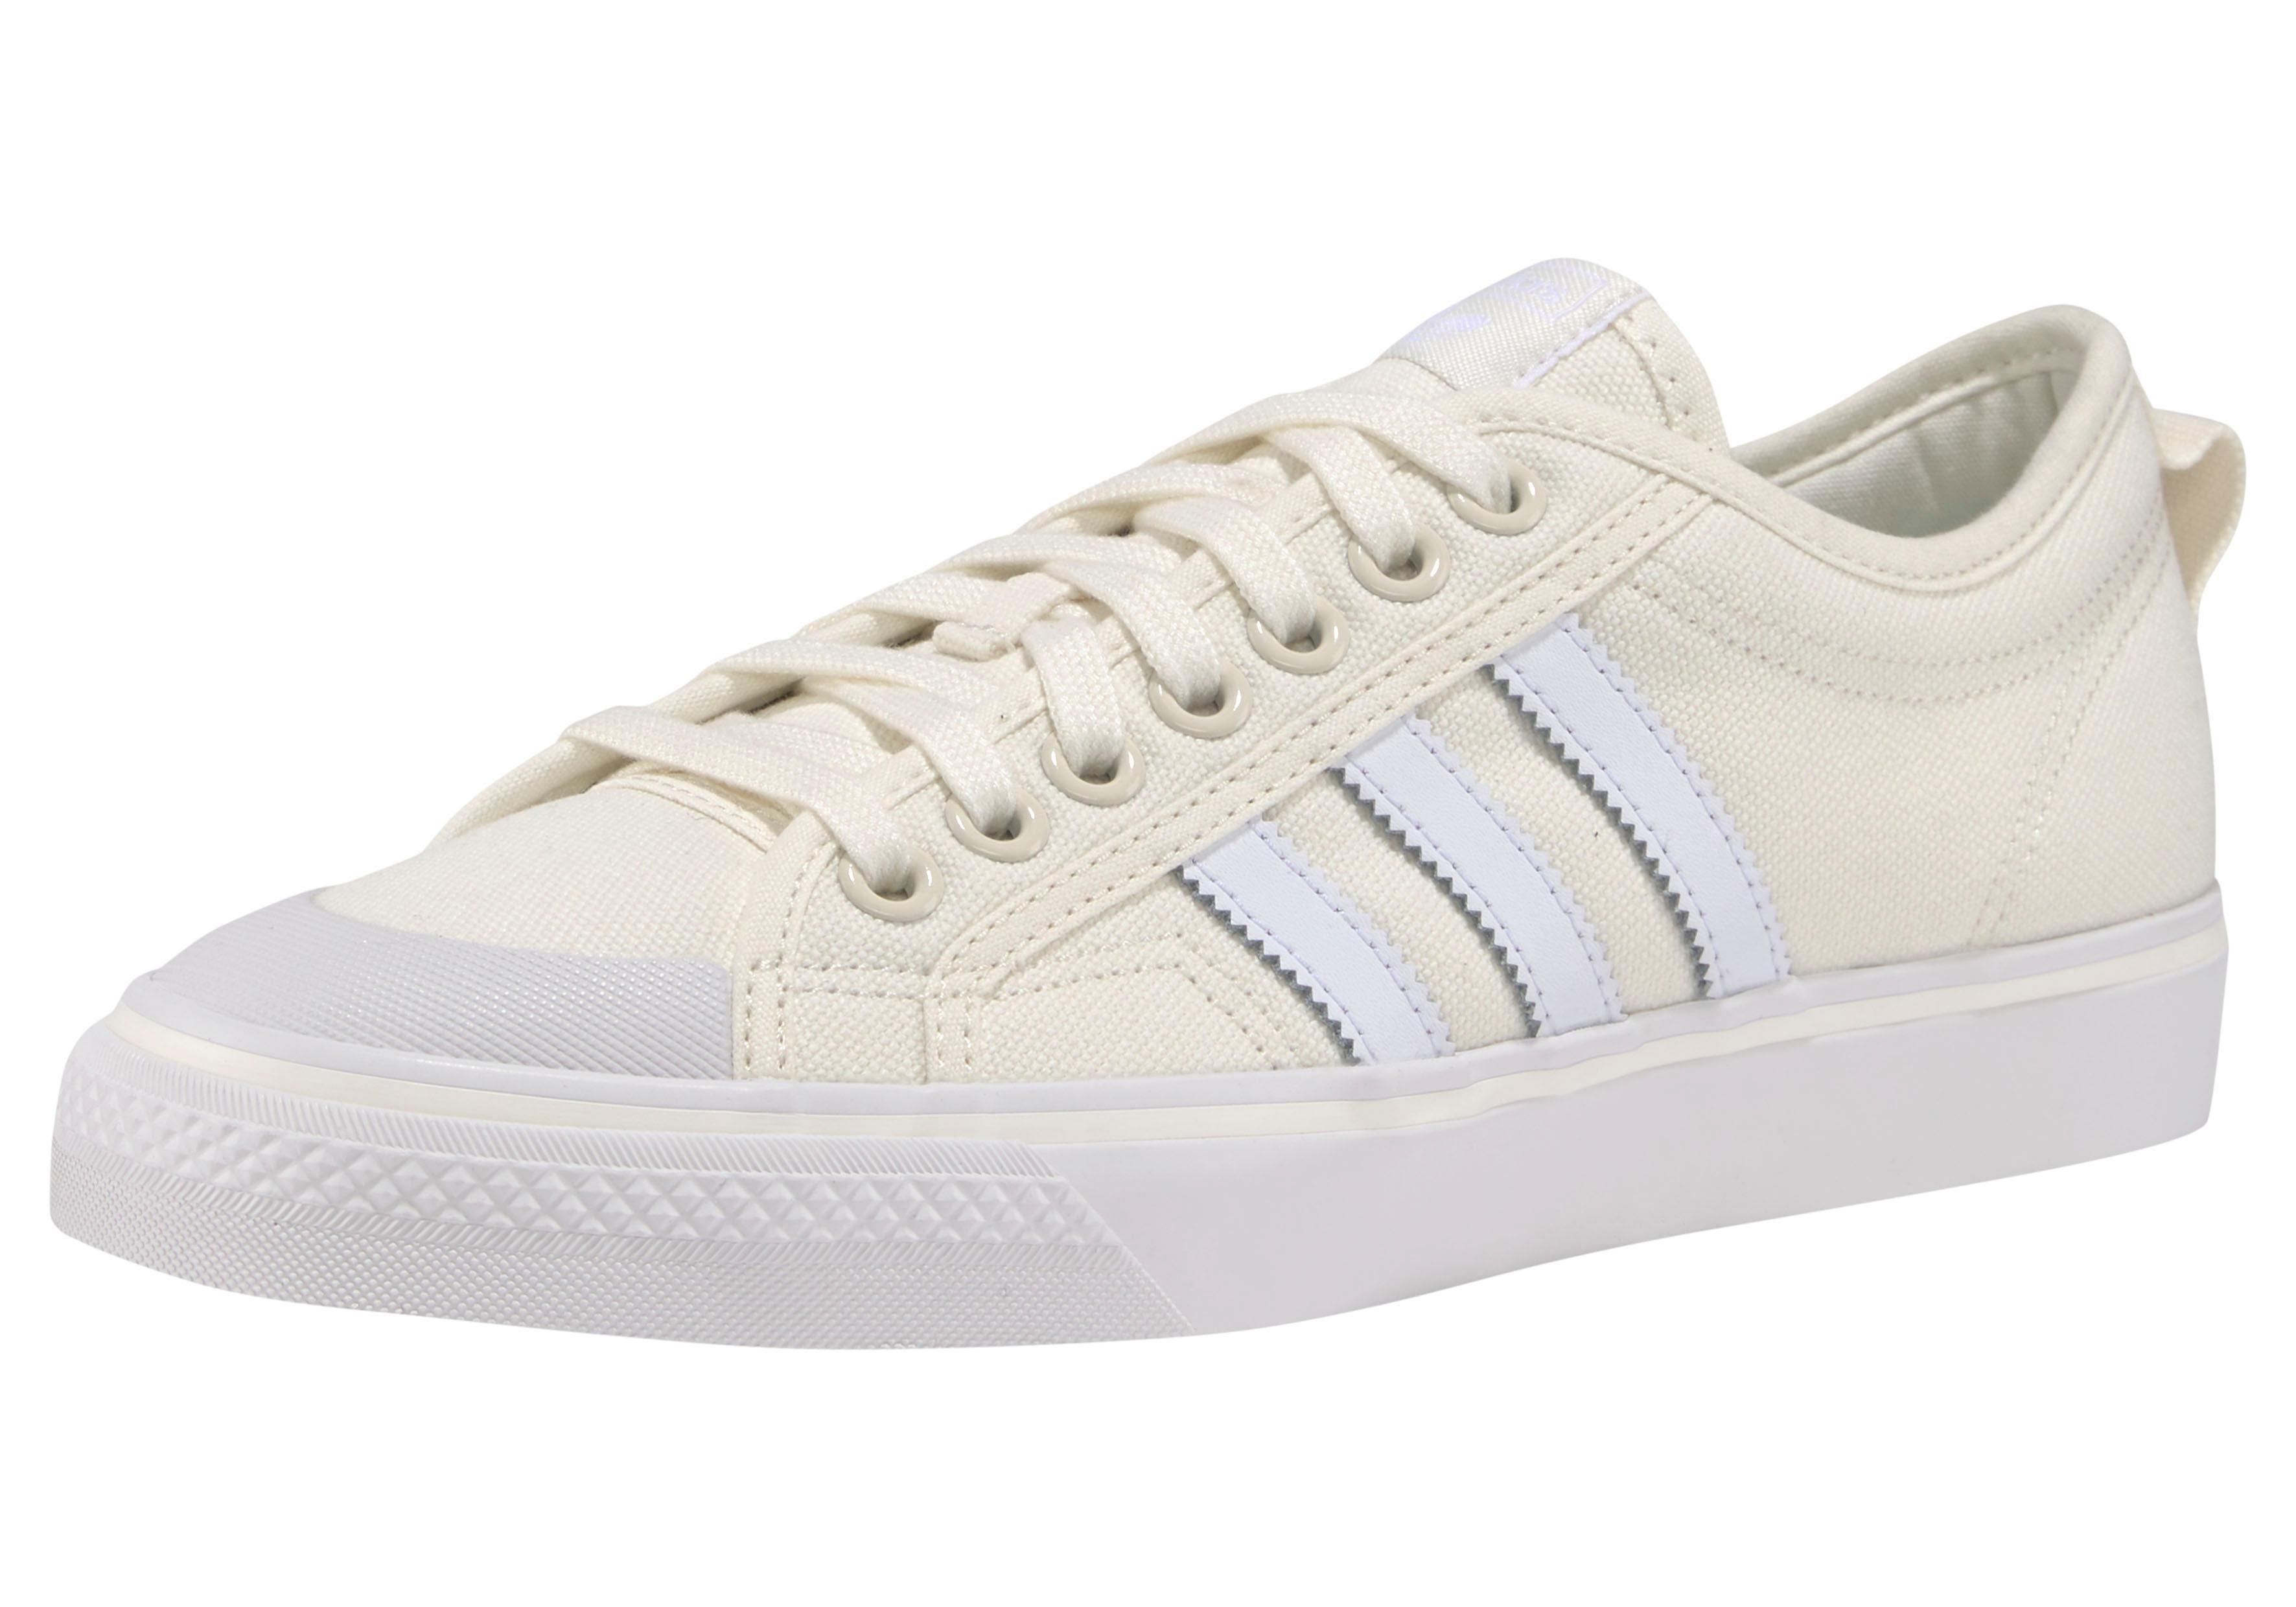 adidas Originals »Nizza« Sneaker, Klassischer Sneaker von adidas online kaufen | OTTO